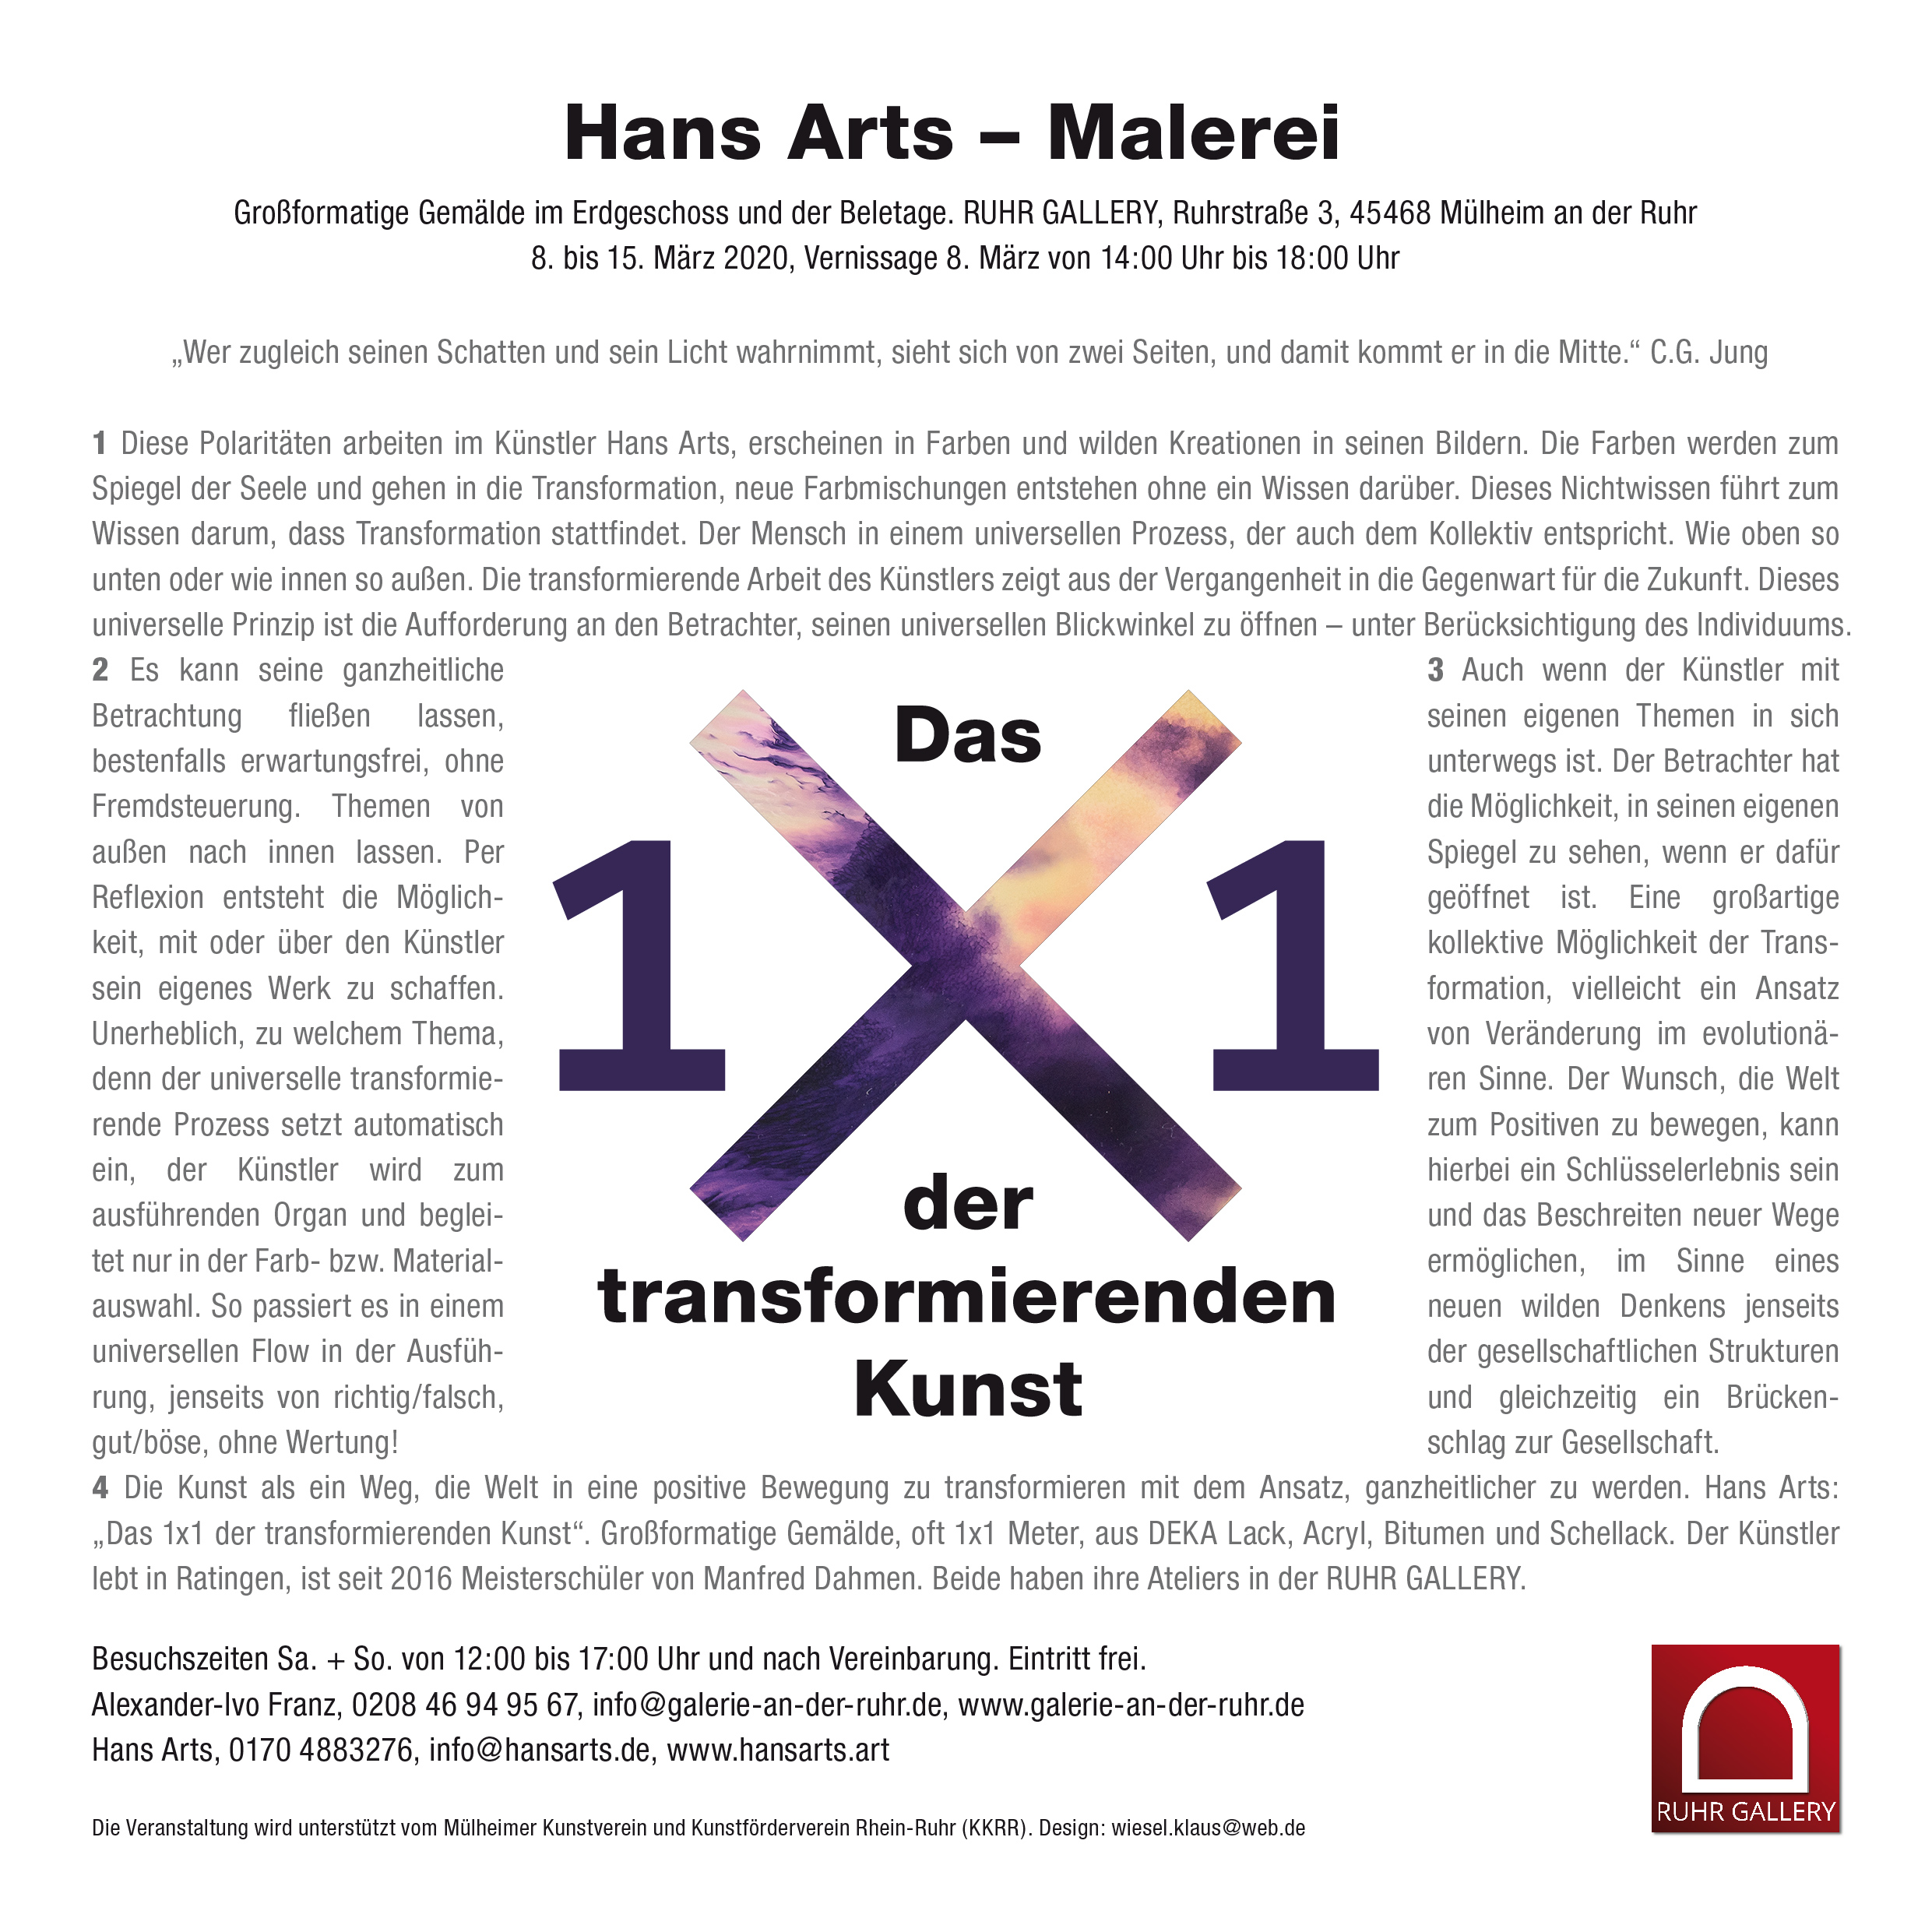 Dieses Bild hat ein leeres Alt-Attribut. Der Dateiname ist Hans-Arts-Einladung_1x1_der_transformierenden_Kunst_RUHR_GALLERY_MUELHEIM_MLHMRHR-2.jpg